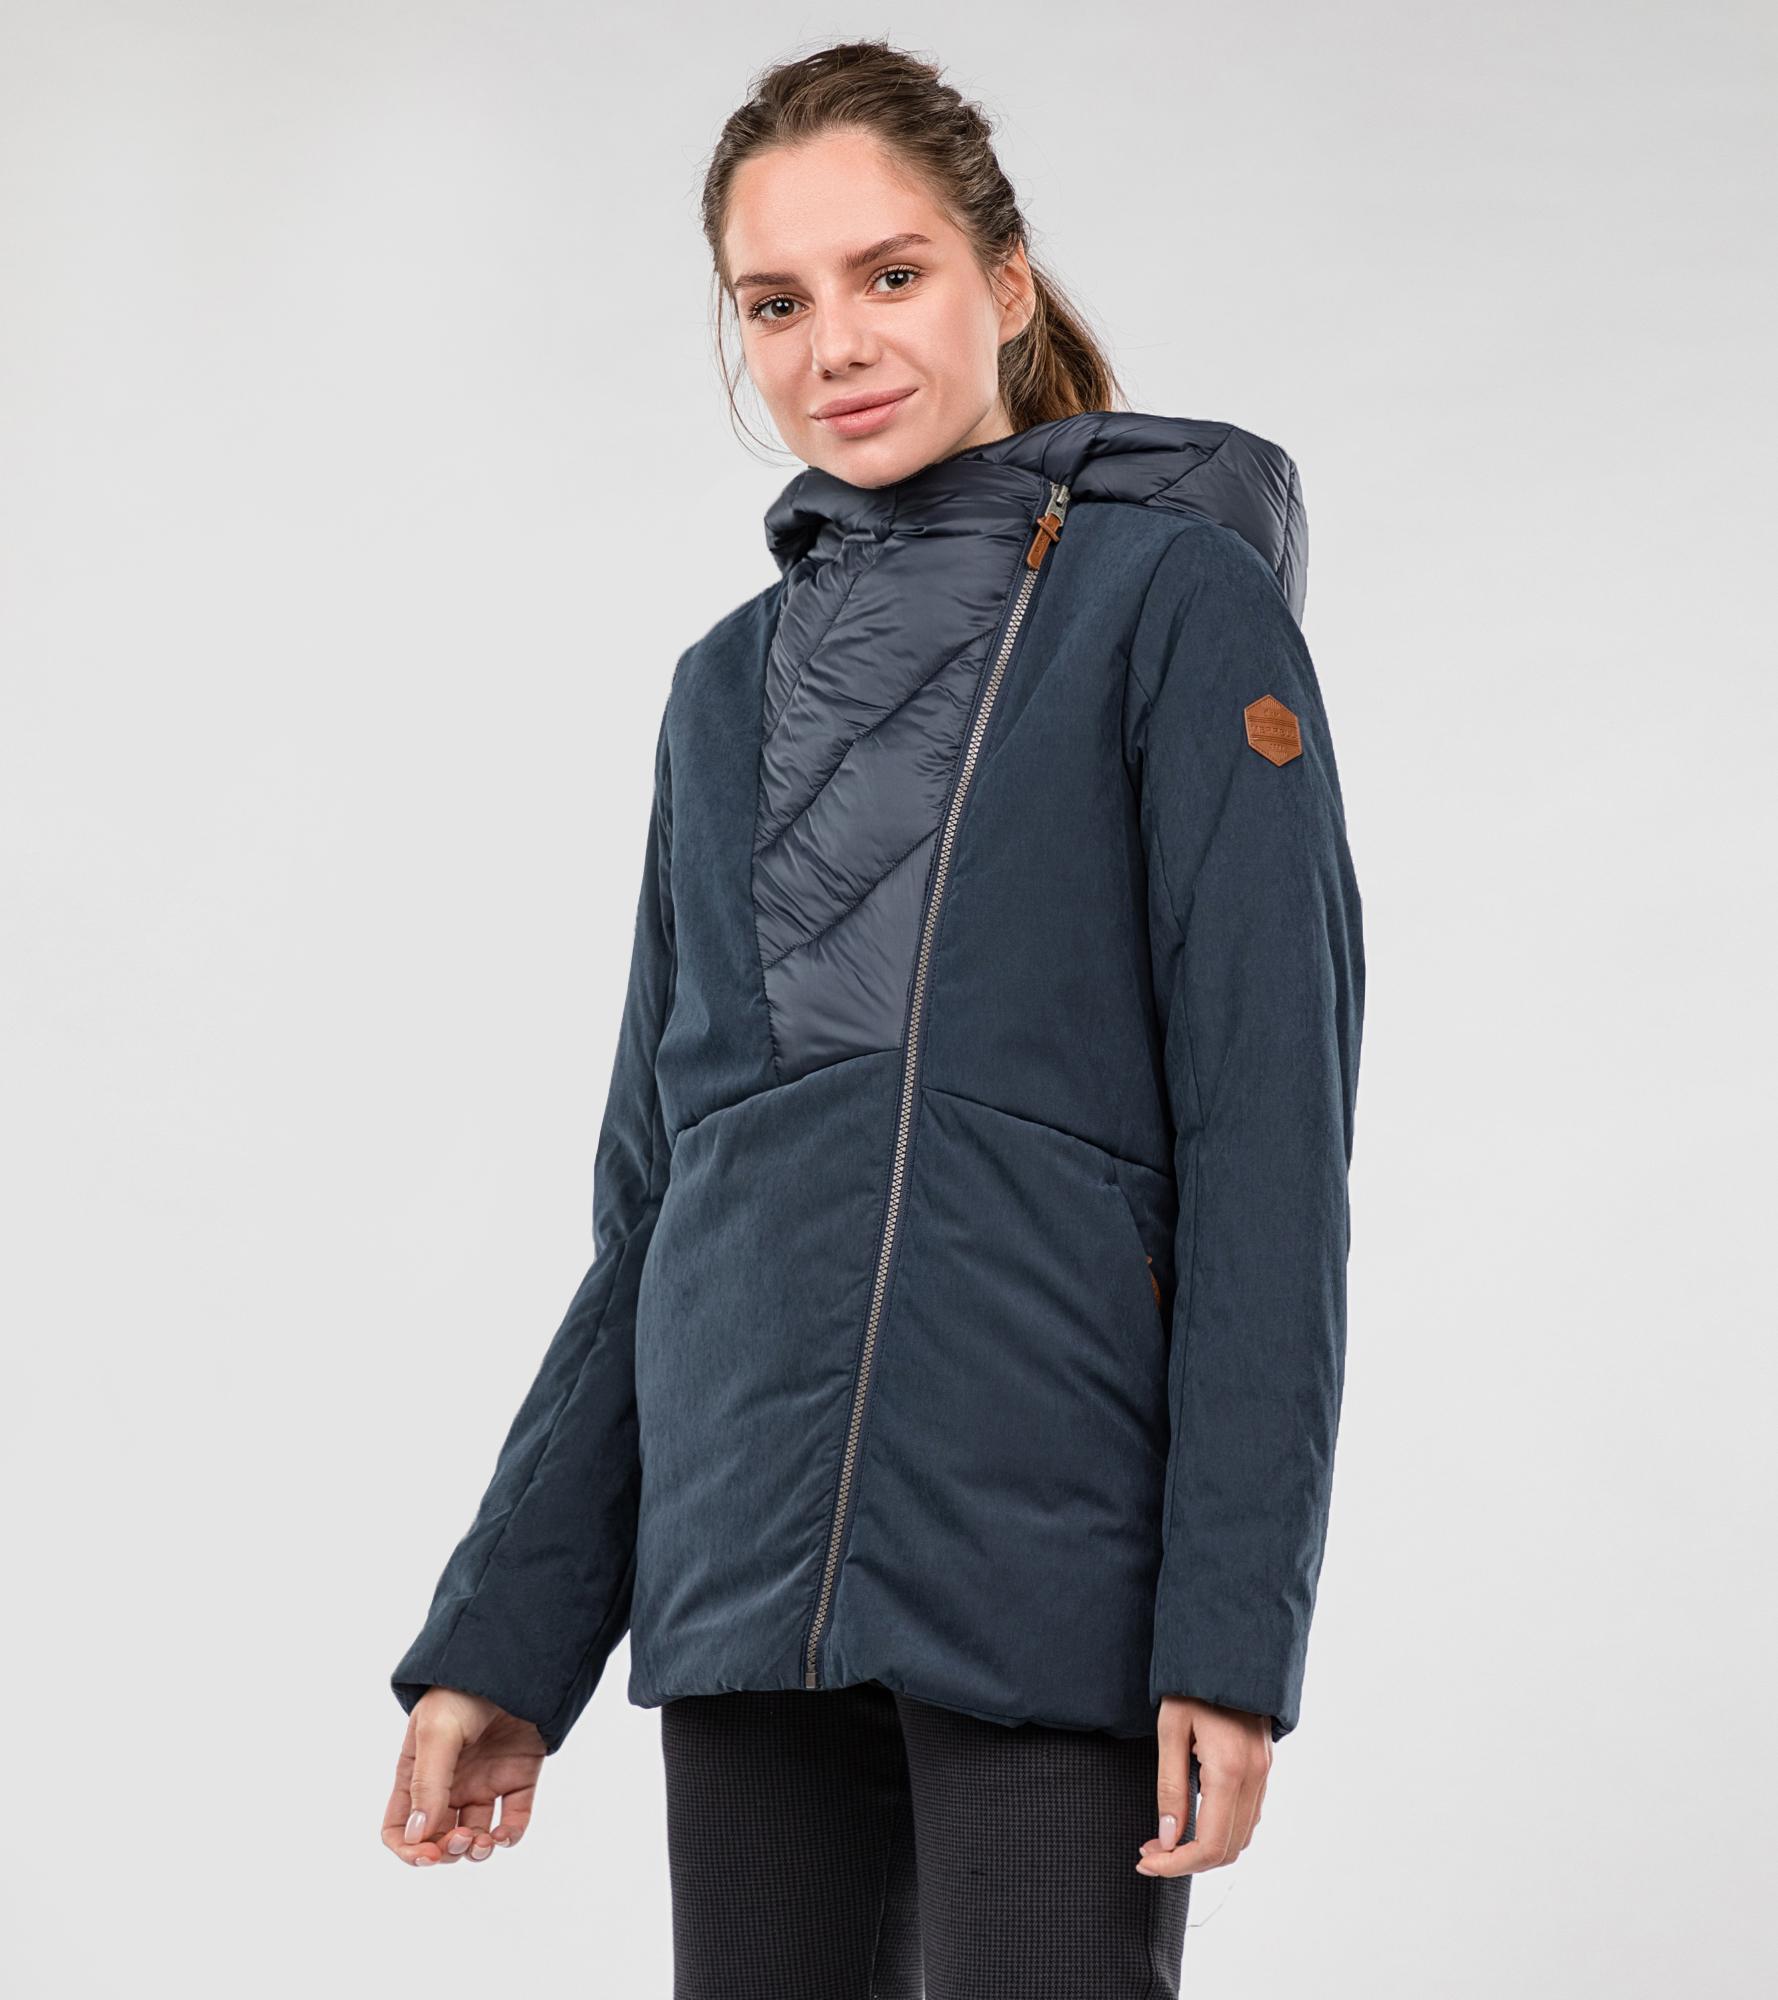 Merrell Куртка утепленная женская Merrell, размер 50